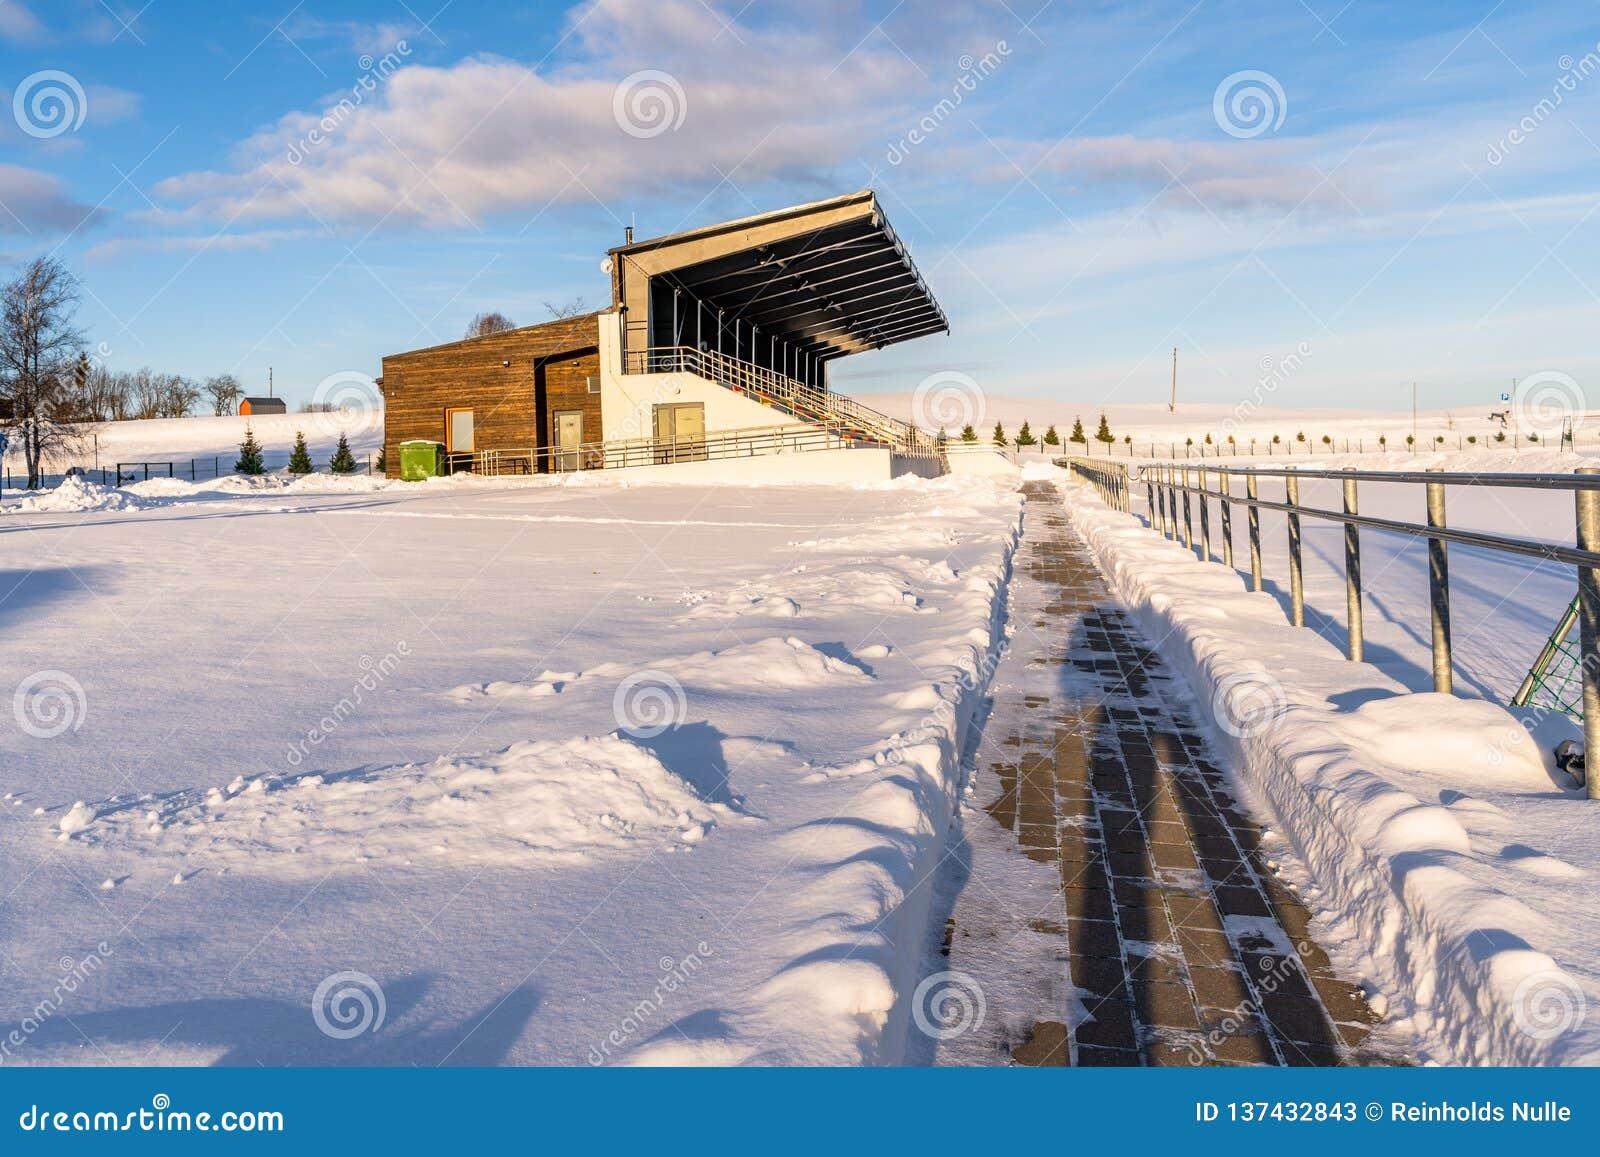 Calcio vuoto ( Soccer) Sedili dello stadio nell inverno coperto parzialmente in neve - Sunny Winter Day